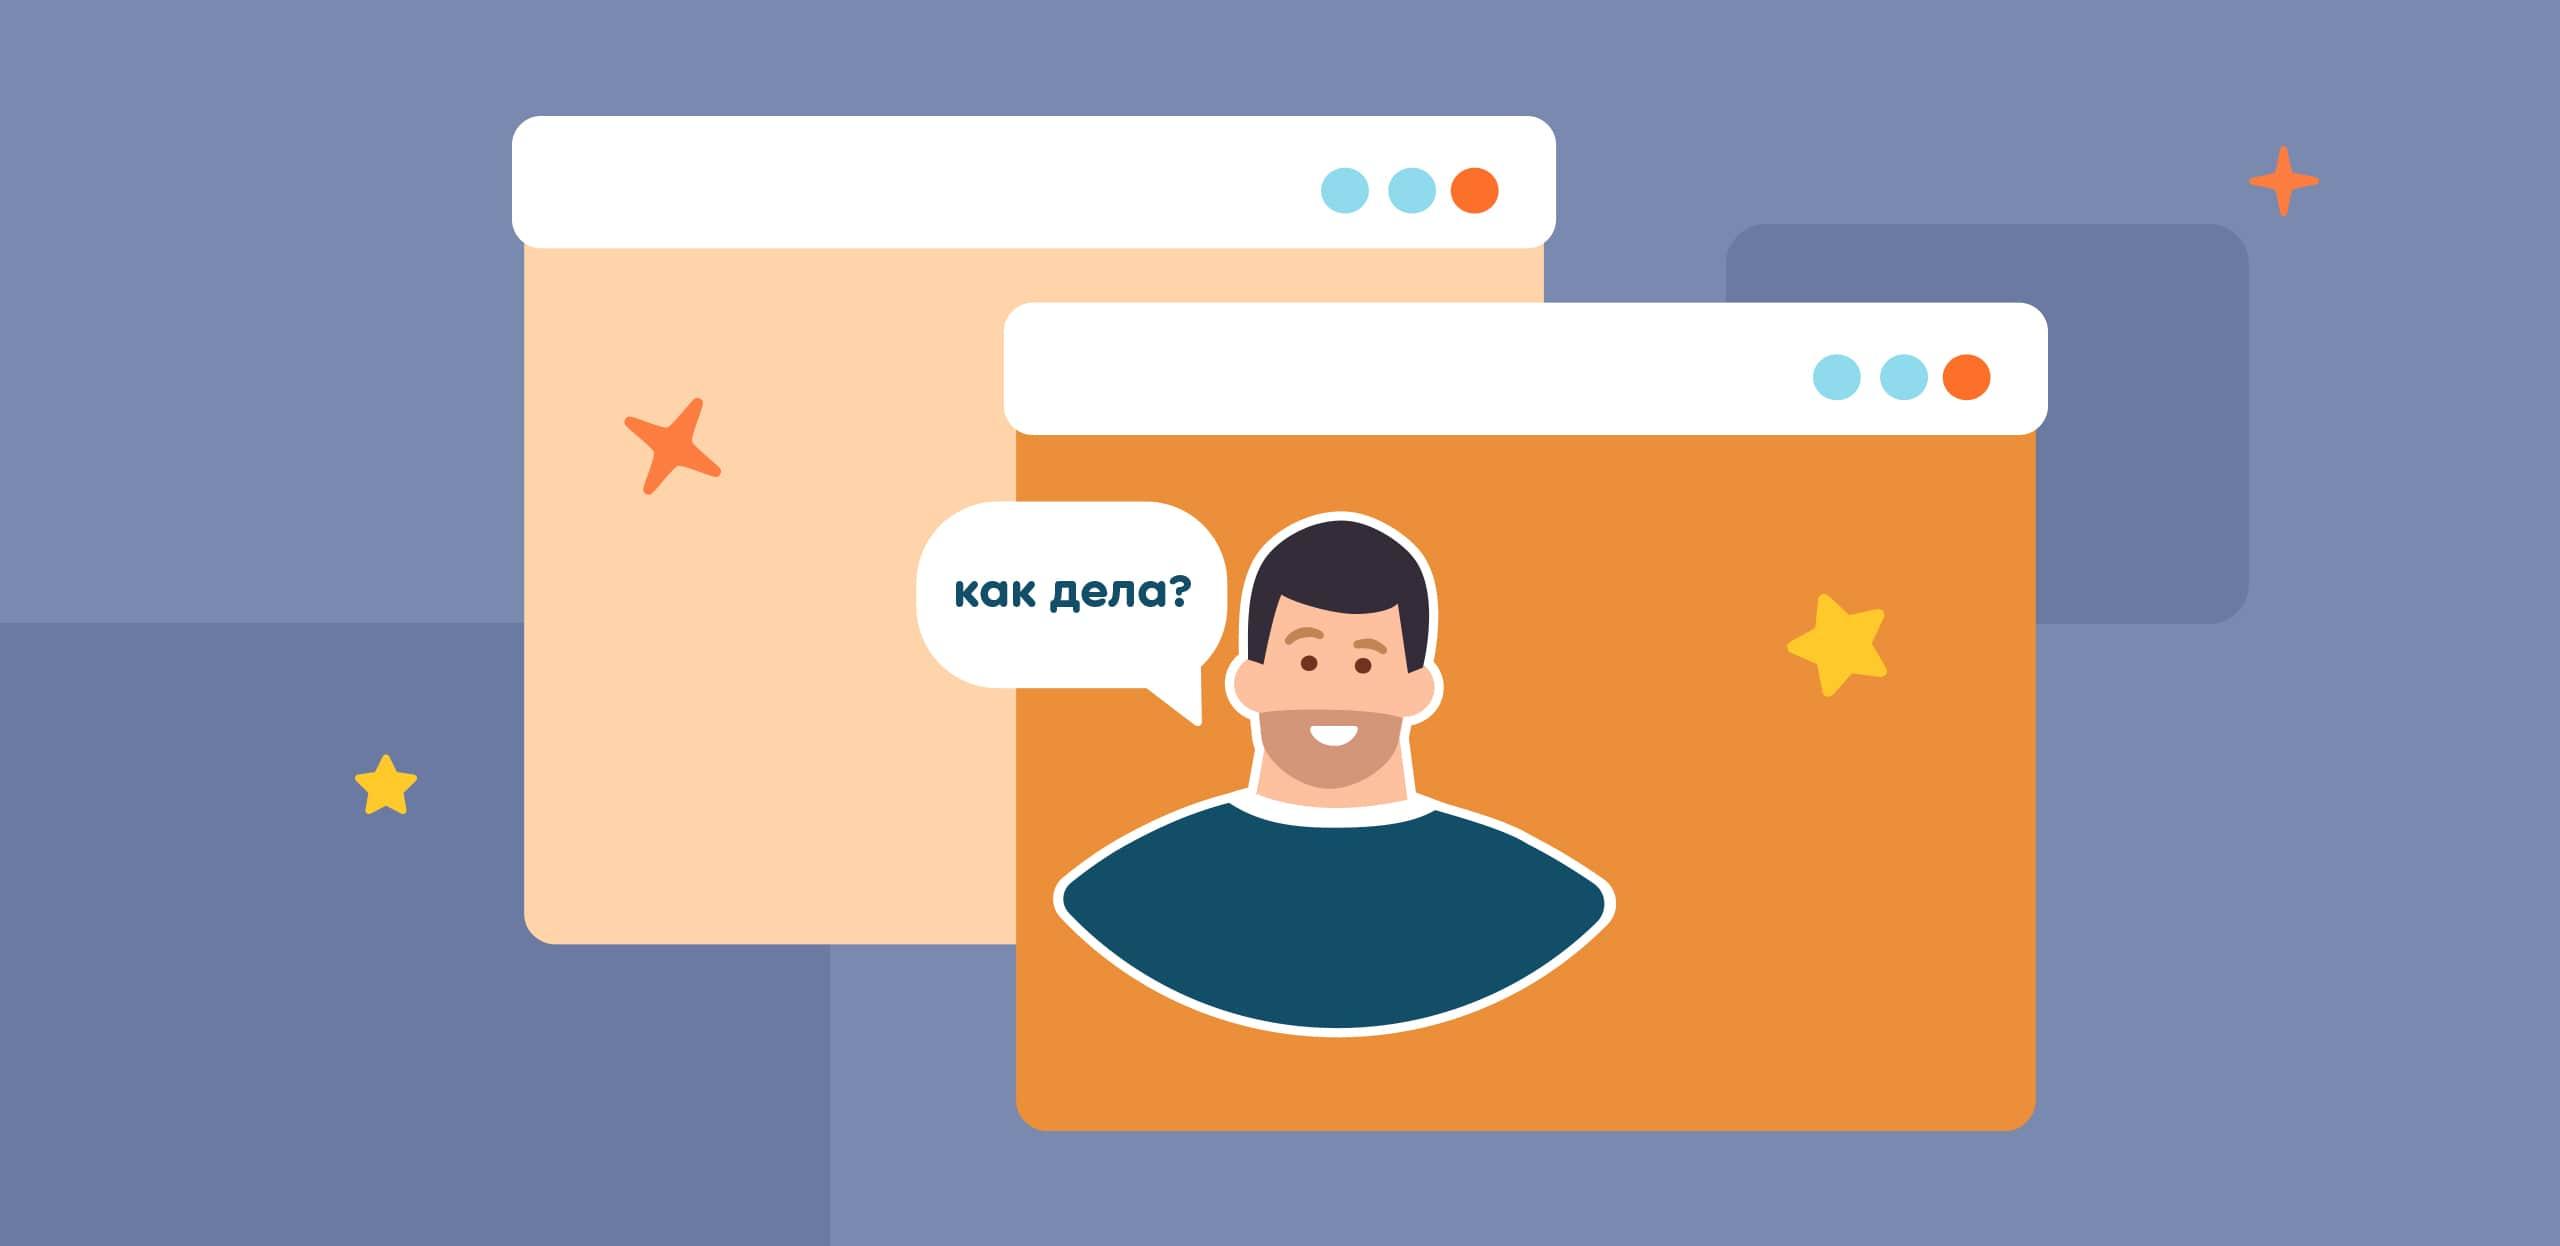 Одноклассники запустили новый формат общения — стикеры со звуком